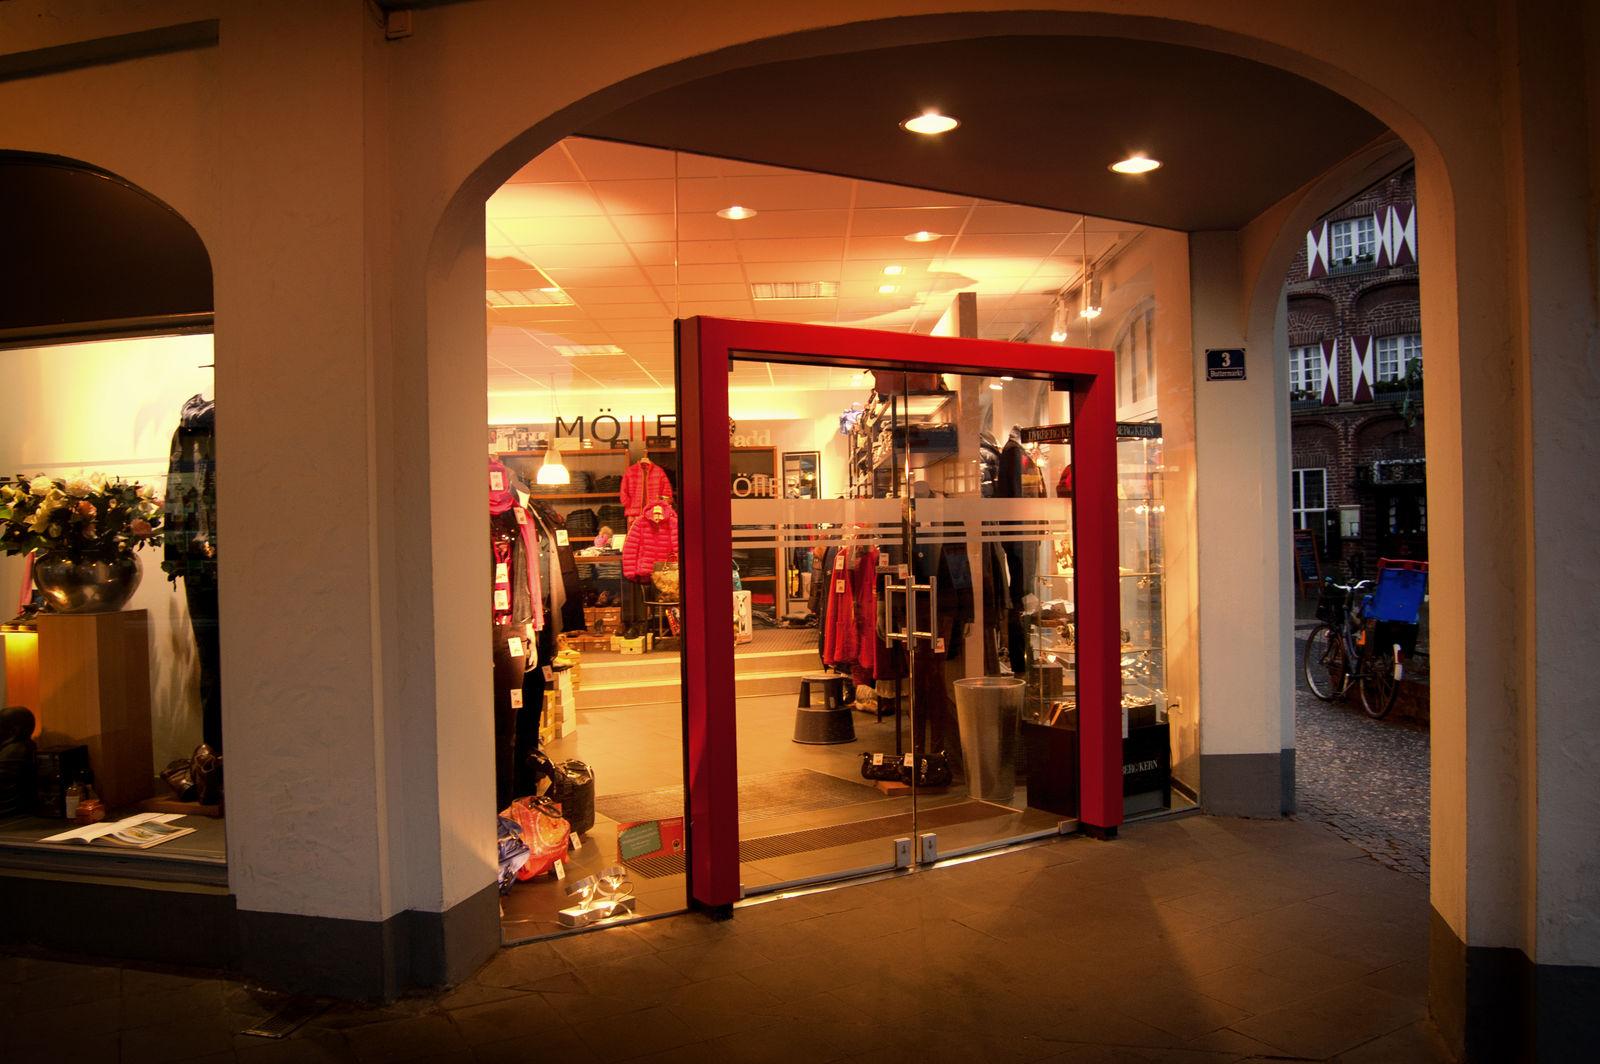 MÖllER Womenswear - Menswear in Kempen (Bild 3)